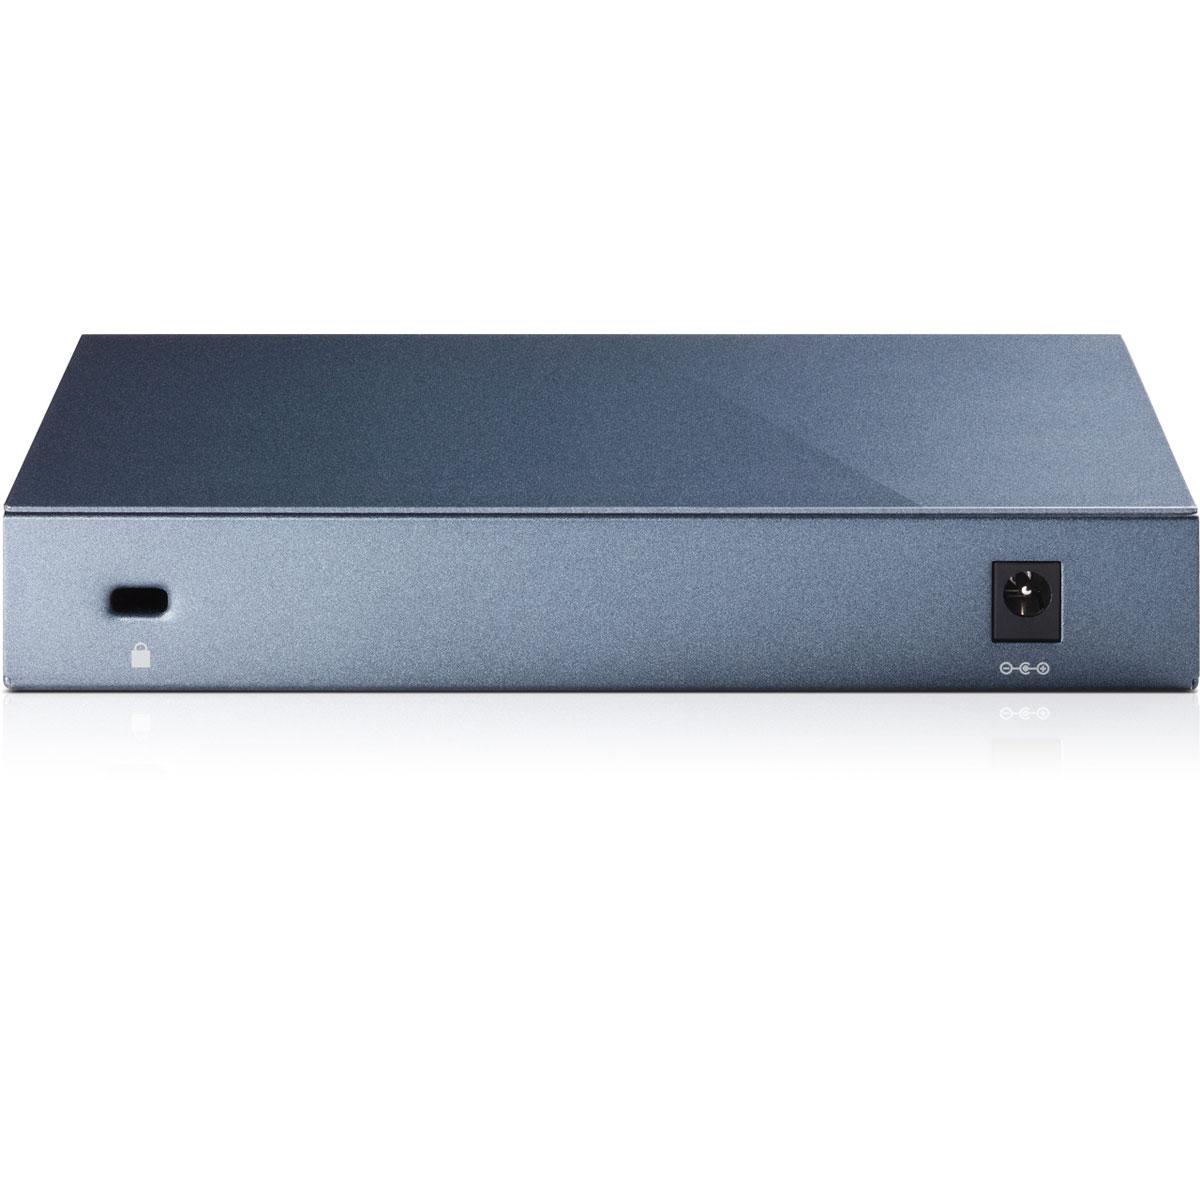 Switch réseau métal Gigabit 8 ports 10/100/1000 Mbps TP-LINK TL-SG108, informatique Reunion, 974, Futur Réunion